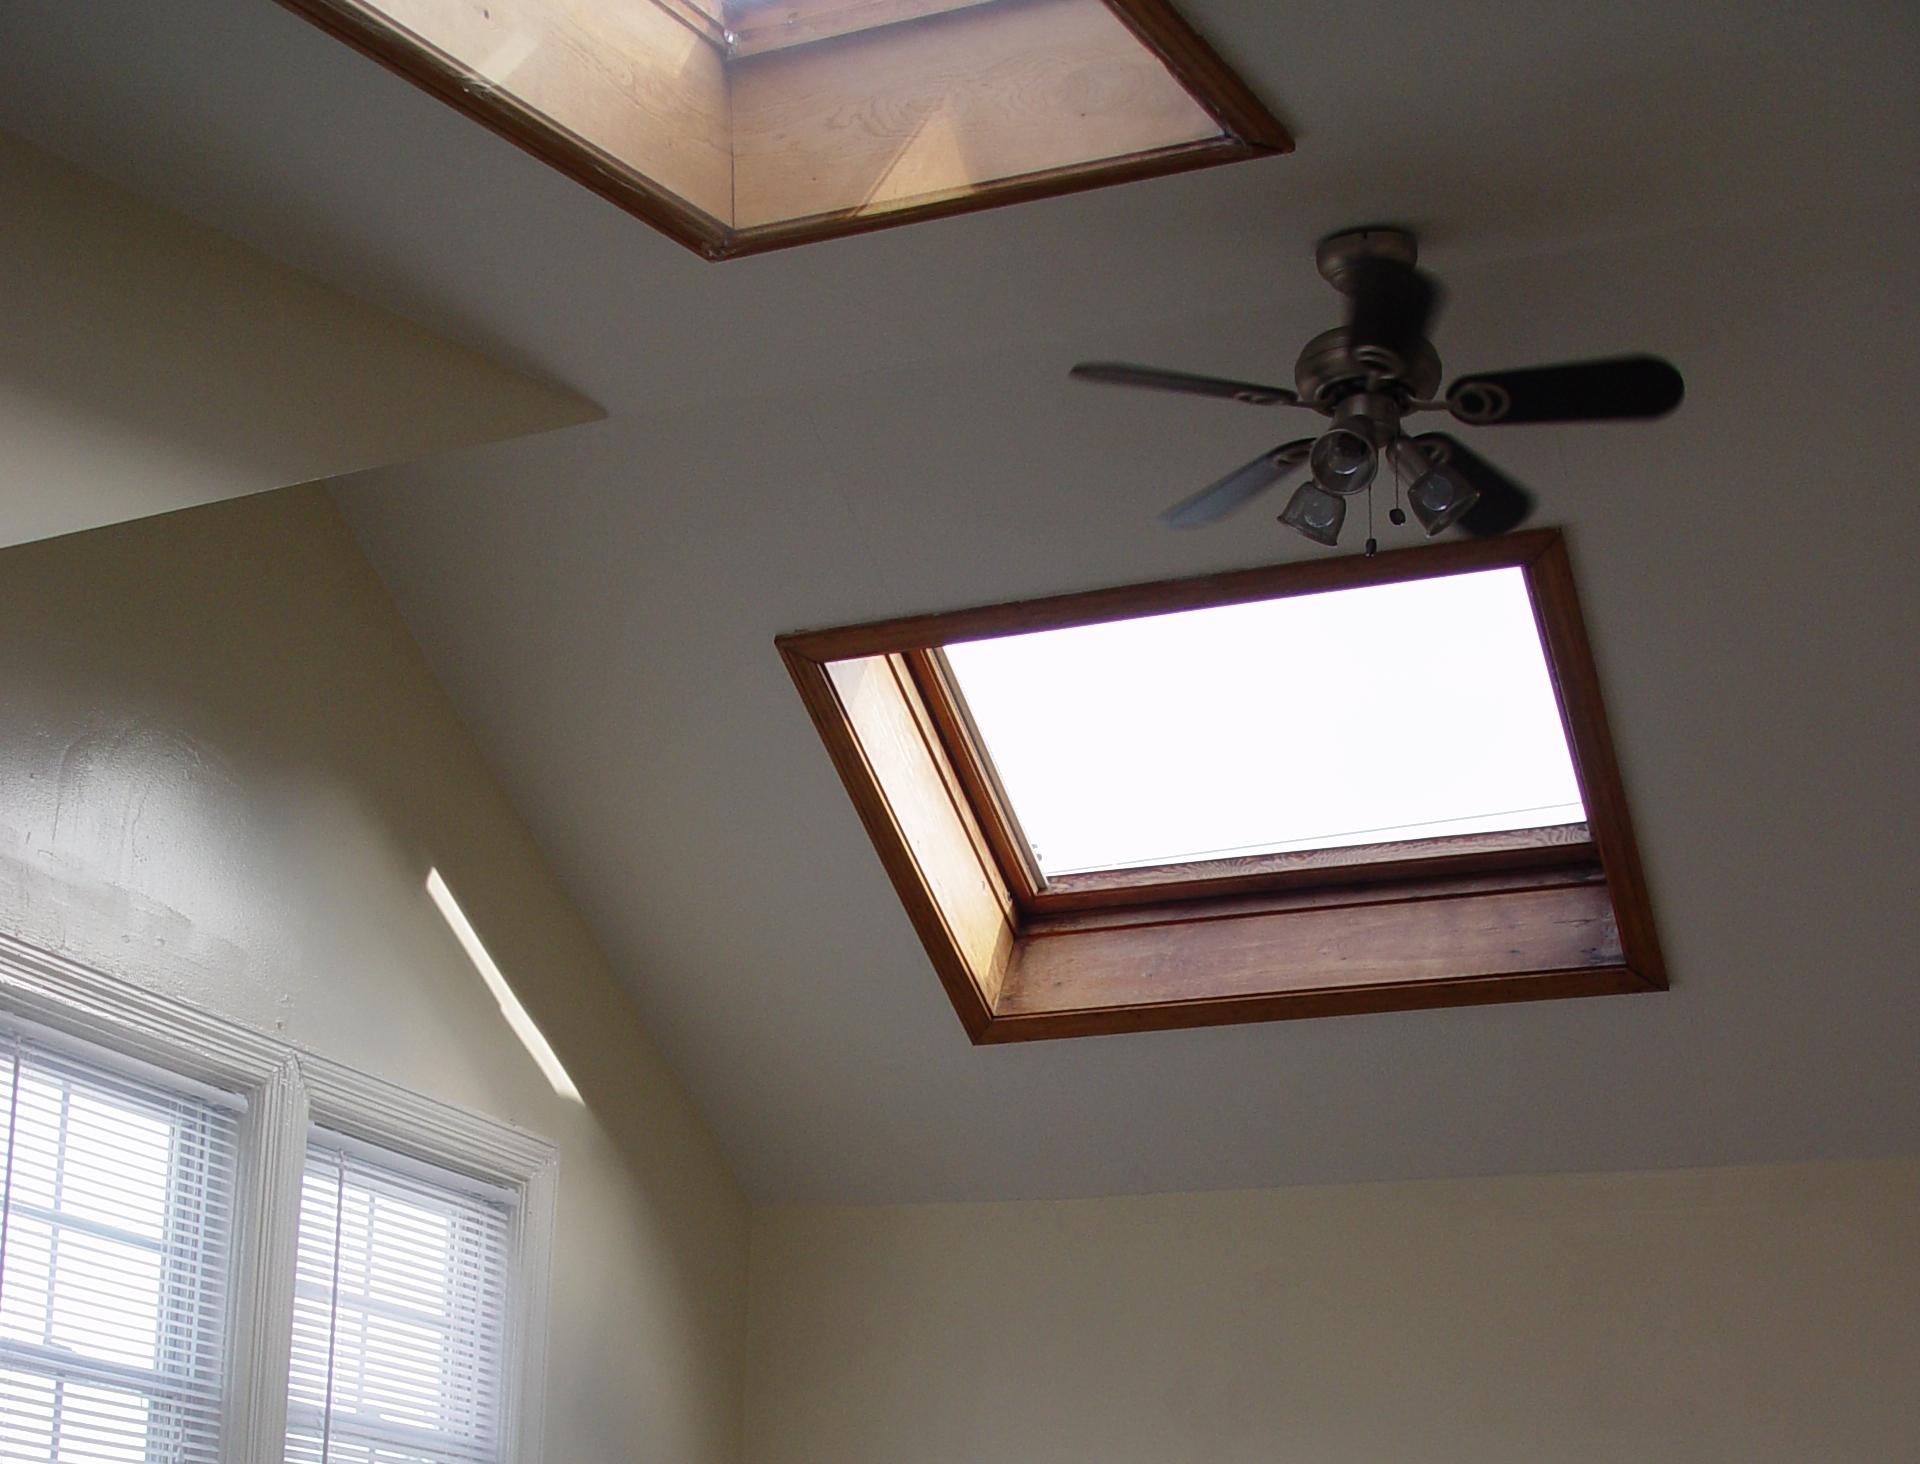 damaged water ceilings tulum ceiling smsender damage leak co repair wet roof